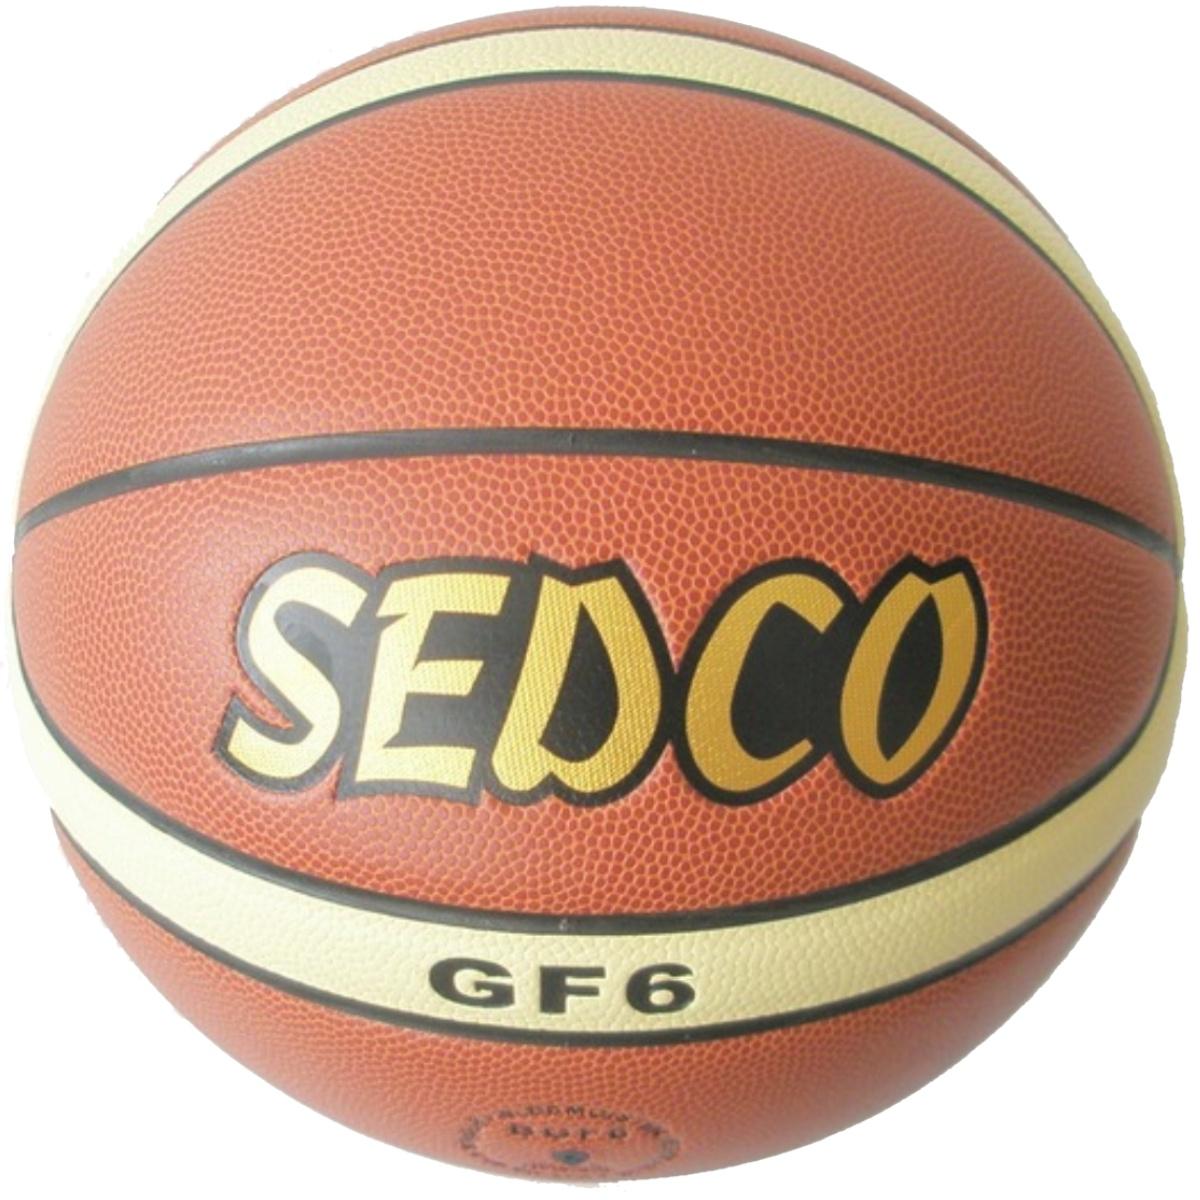 Basketbalový míč SEDCO Official 6A